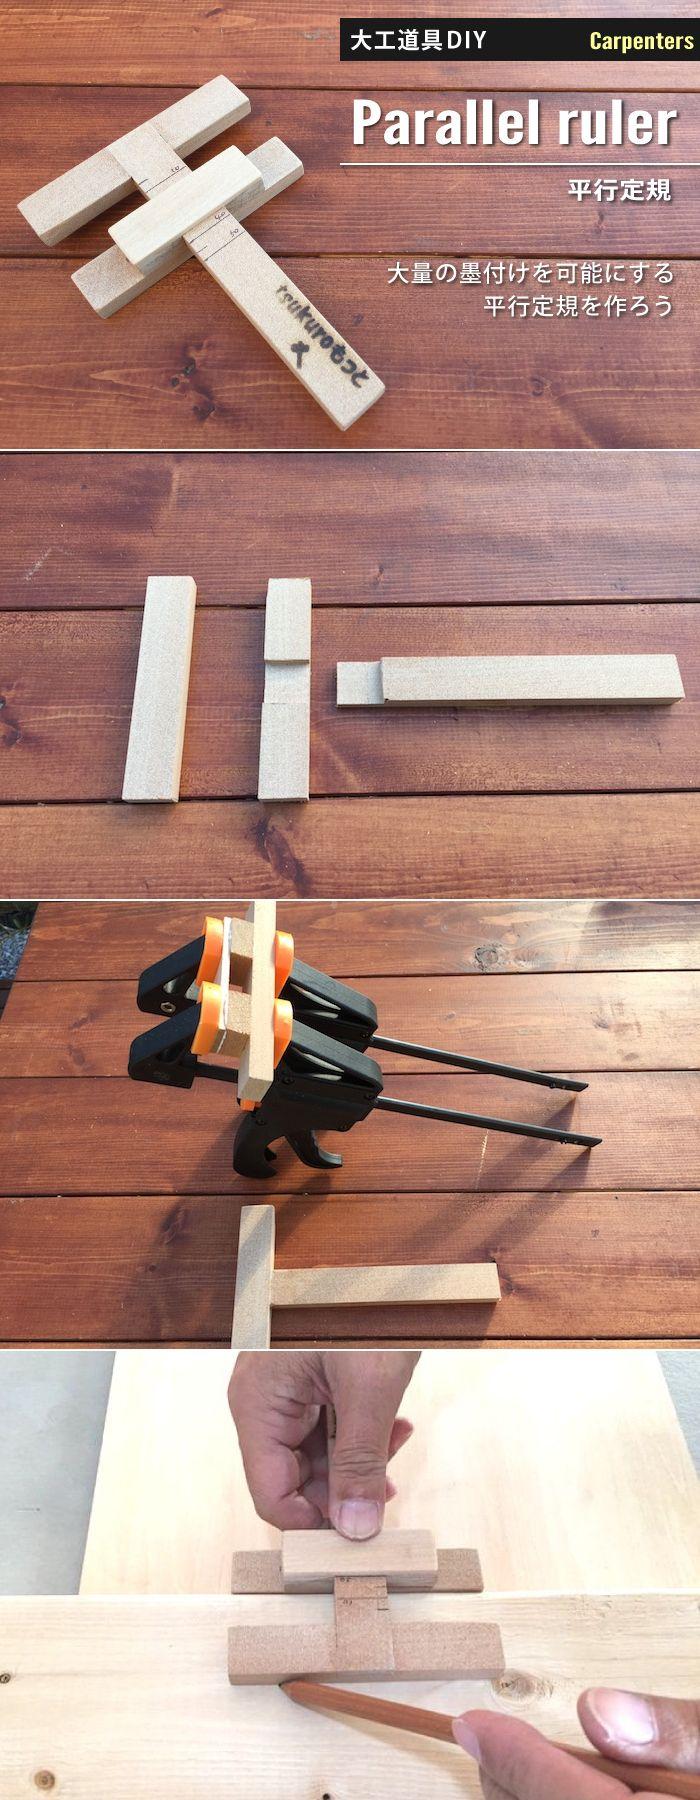 たくさんのホゾ穴を製作する中で、墨付けが大変だったことから生まれた治具『平行定規』。これがあれば大量の墨付けを効率よく行うことができます。  【主な材料】アガチス材 【主な道具】トリマー、ノコギリ、木工用ボンド #DIY #日曜大工 #自作 #大工道具 #定規